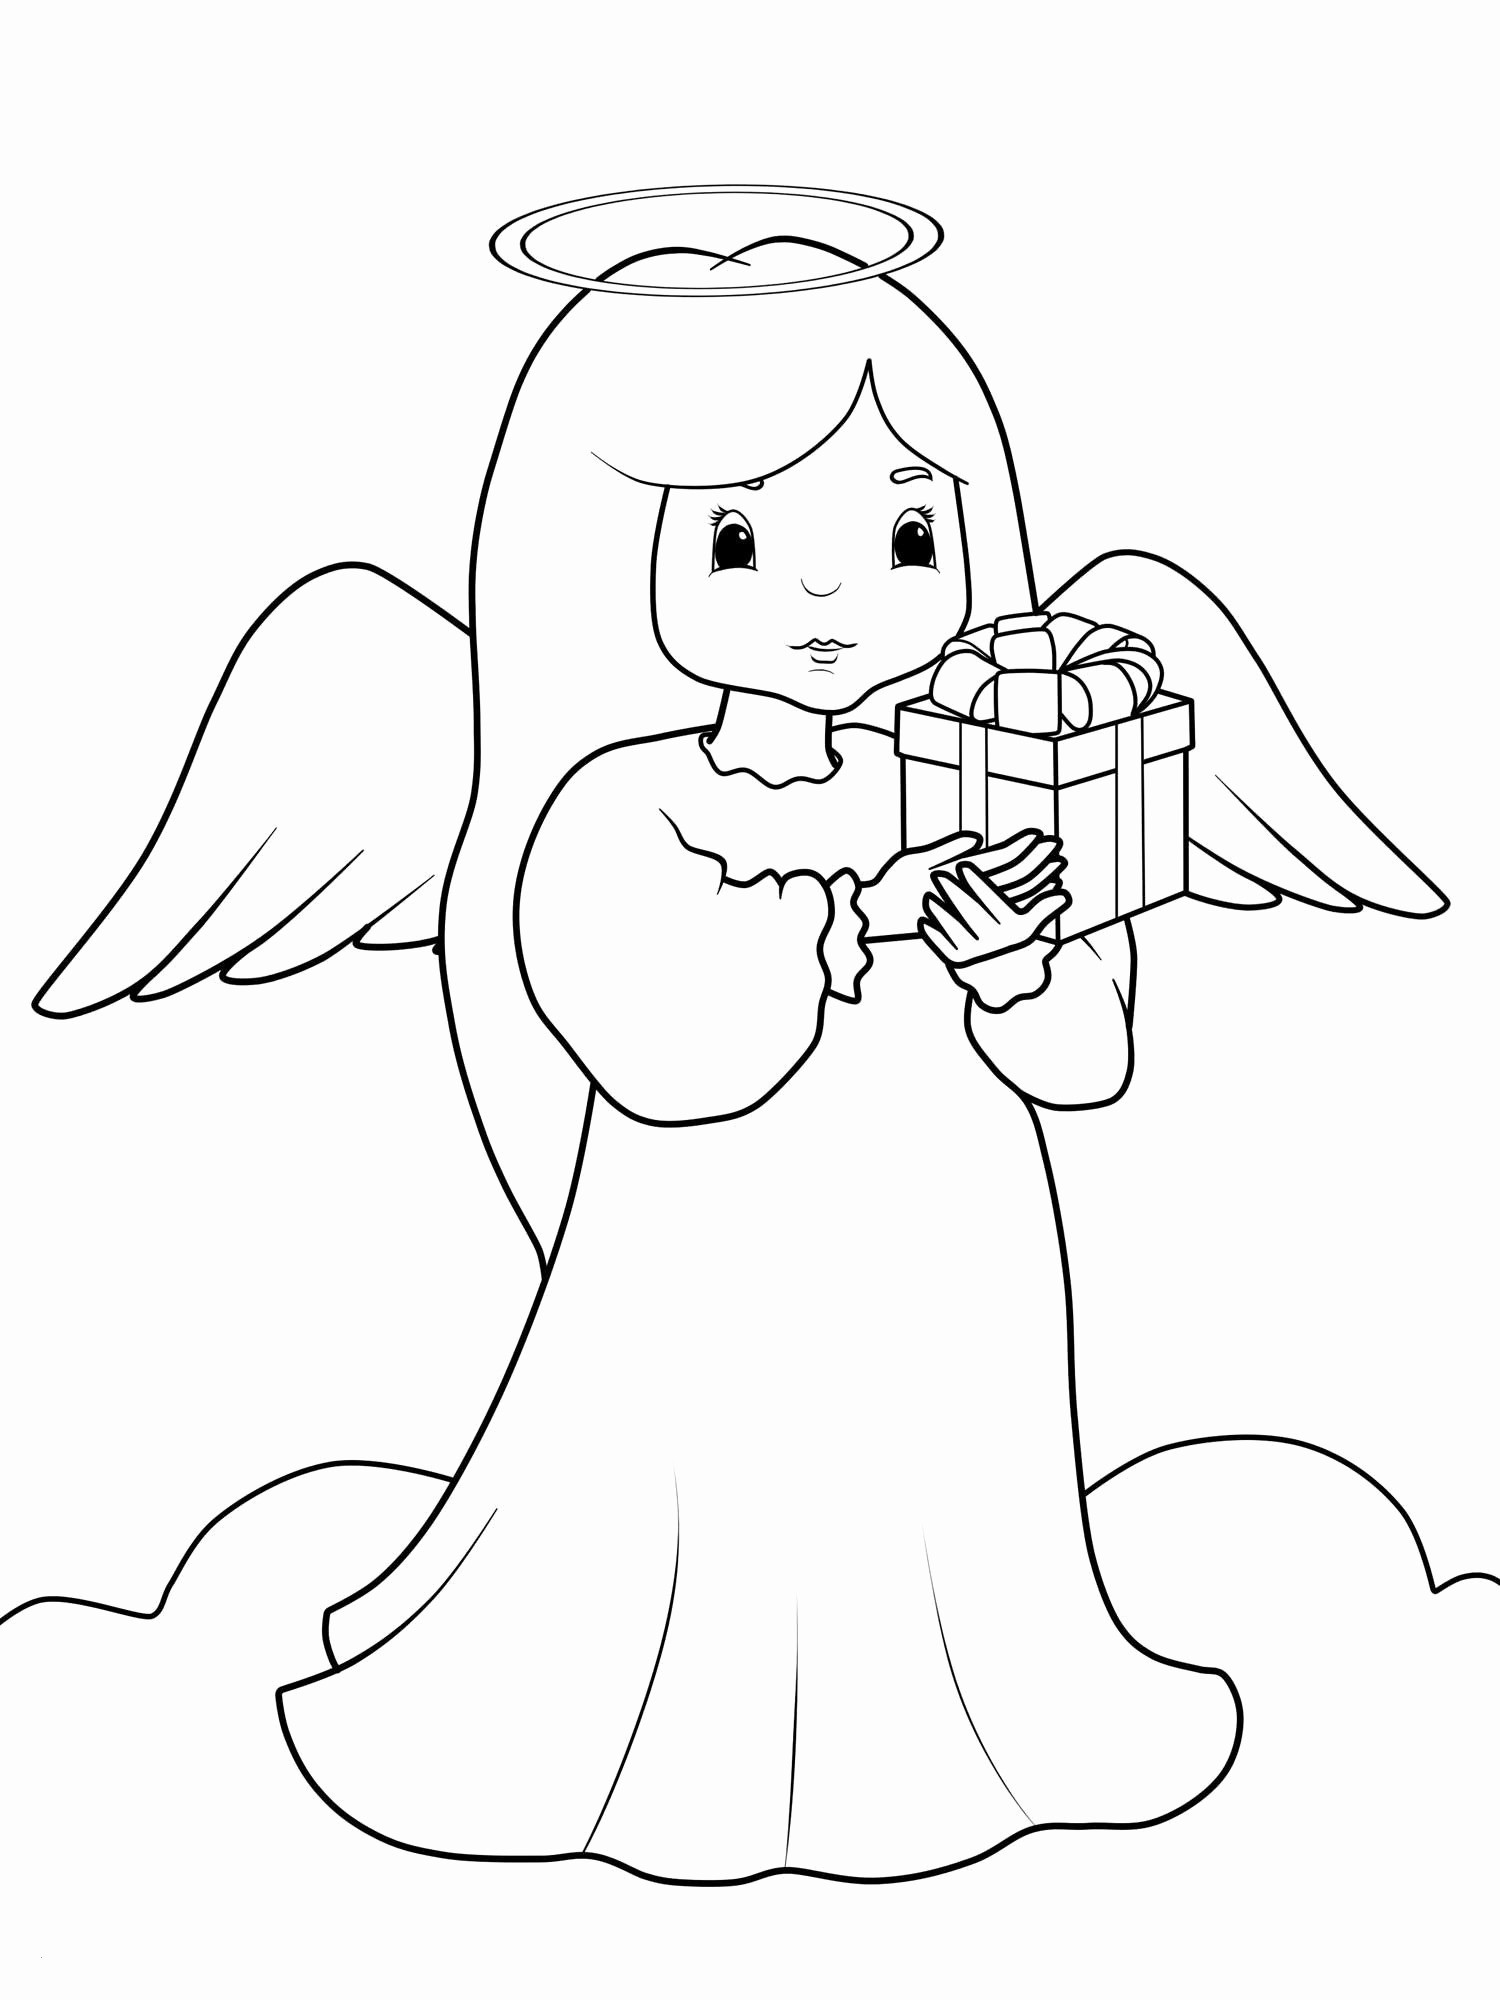 Ausmalbild Weihnachten Engel Neu 40 Ausmalbilder Ostereier Scoredatscore Neu Engel Ausmalbilder Fotografieren